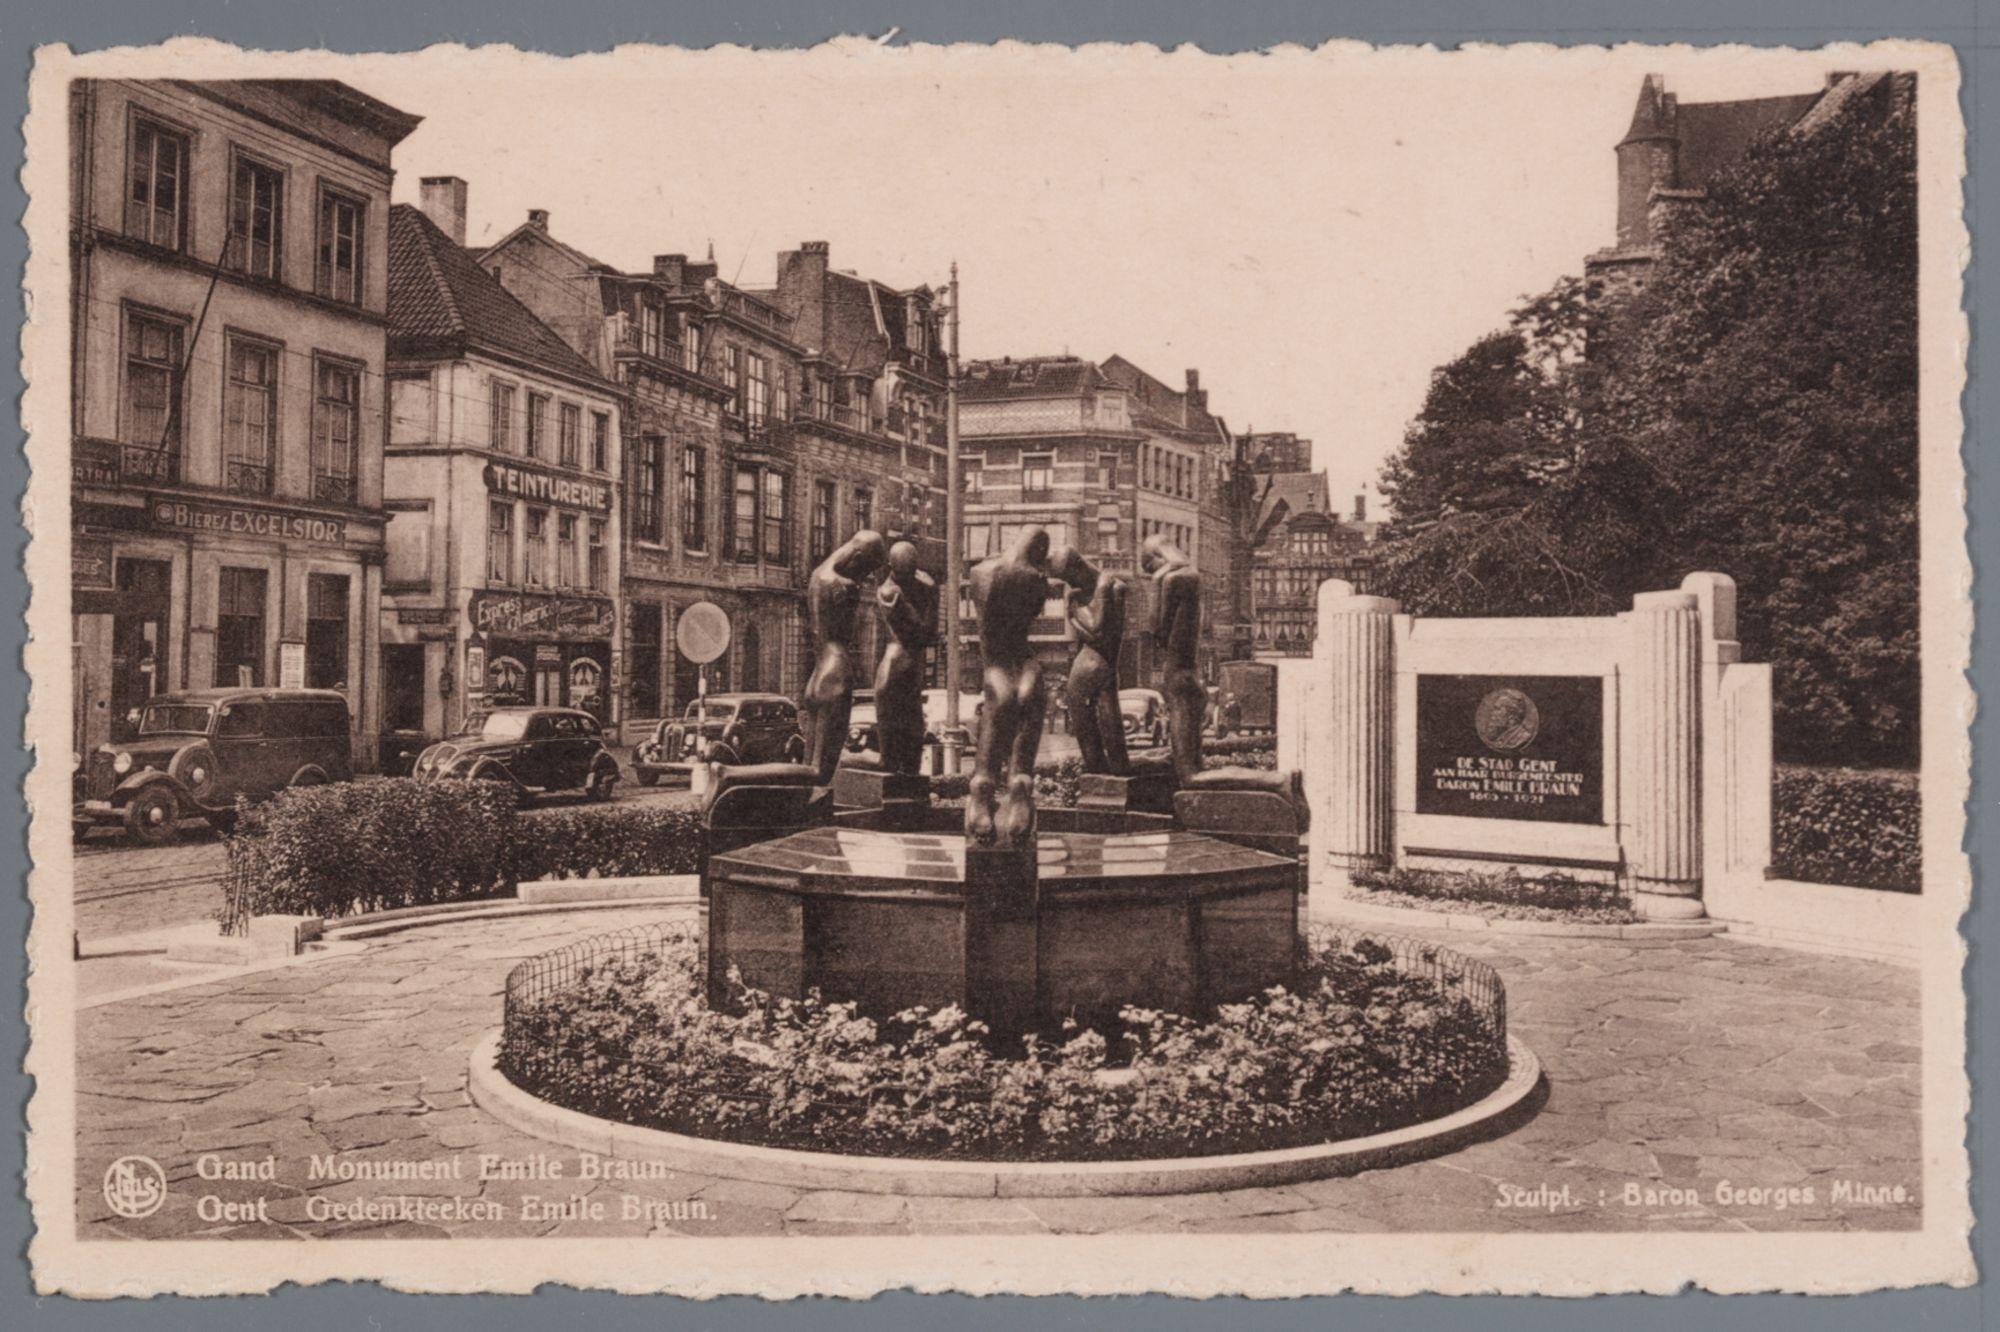 Gent: Emile Braunplein, De fontein der geknielden van Georges Minne